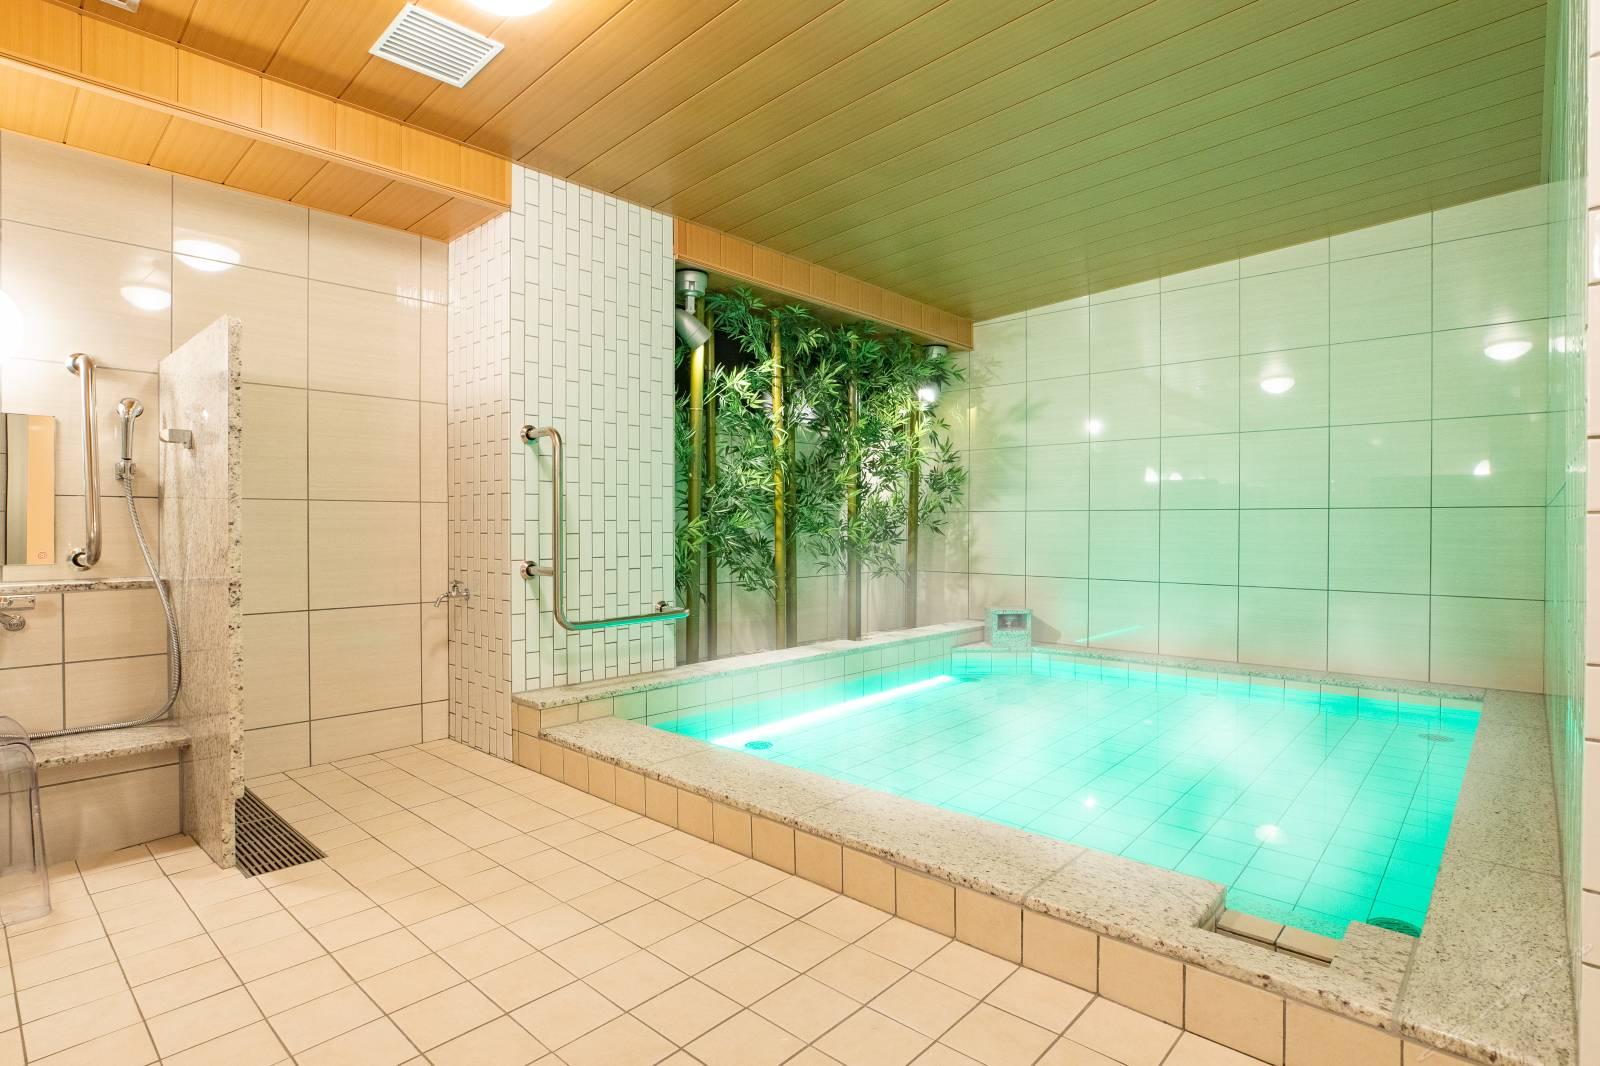 简约风洗浴室装修效果图